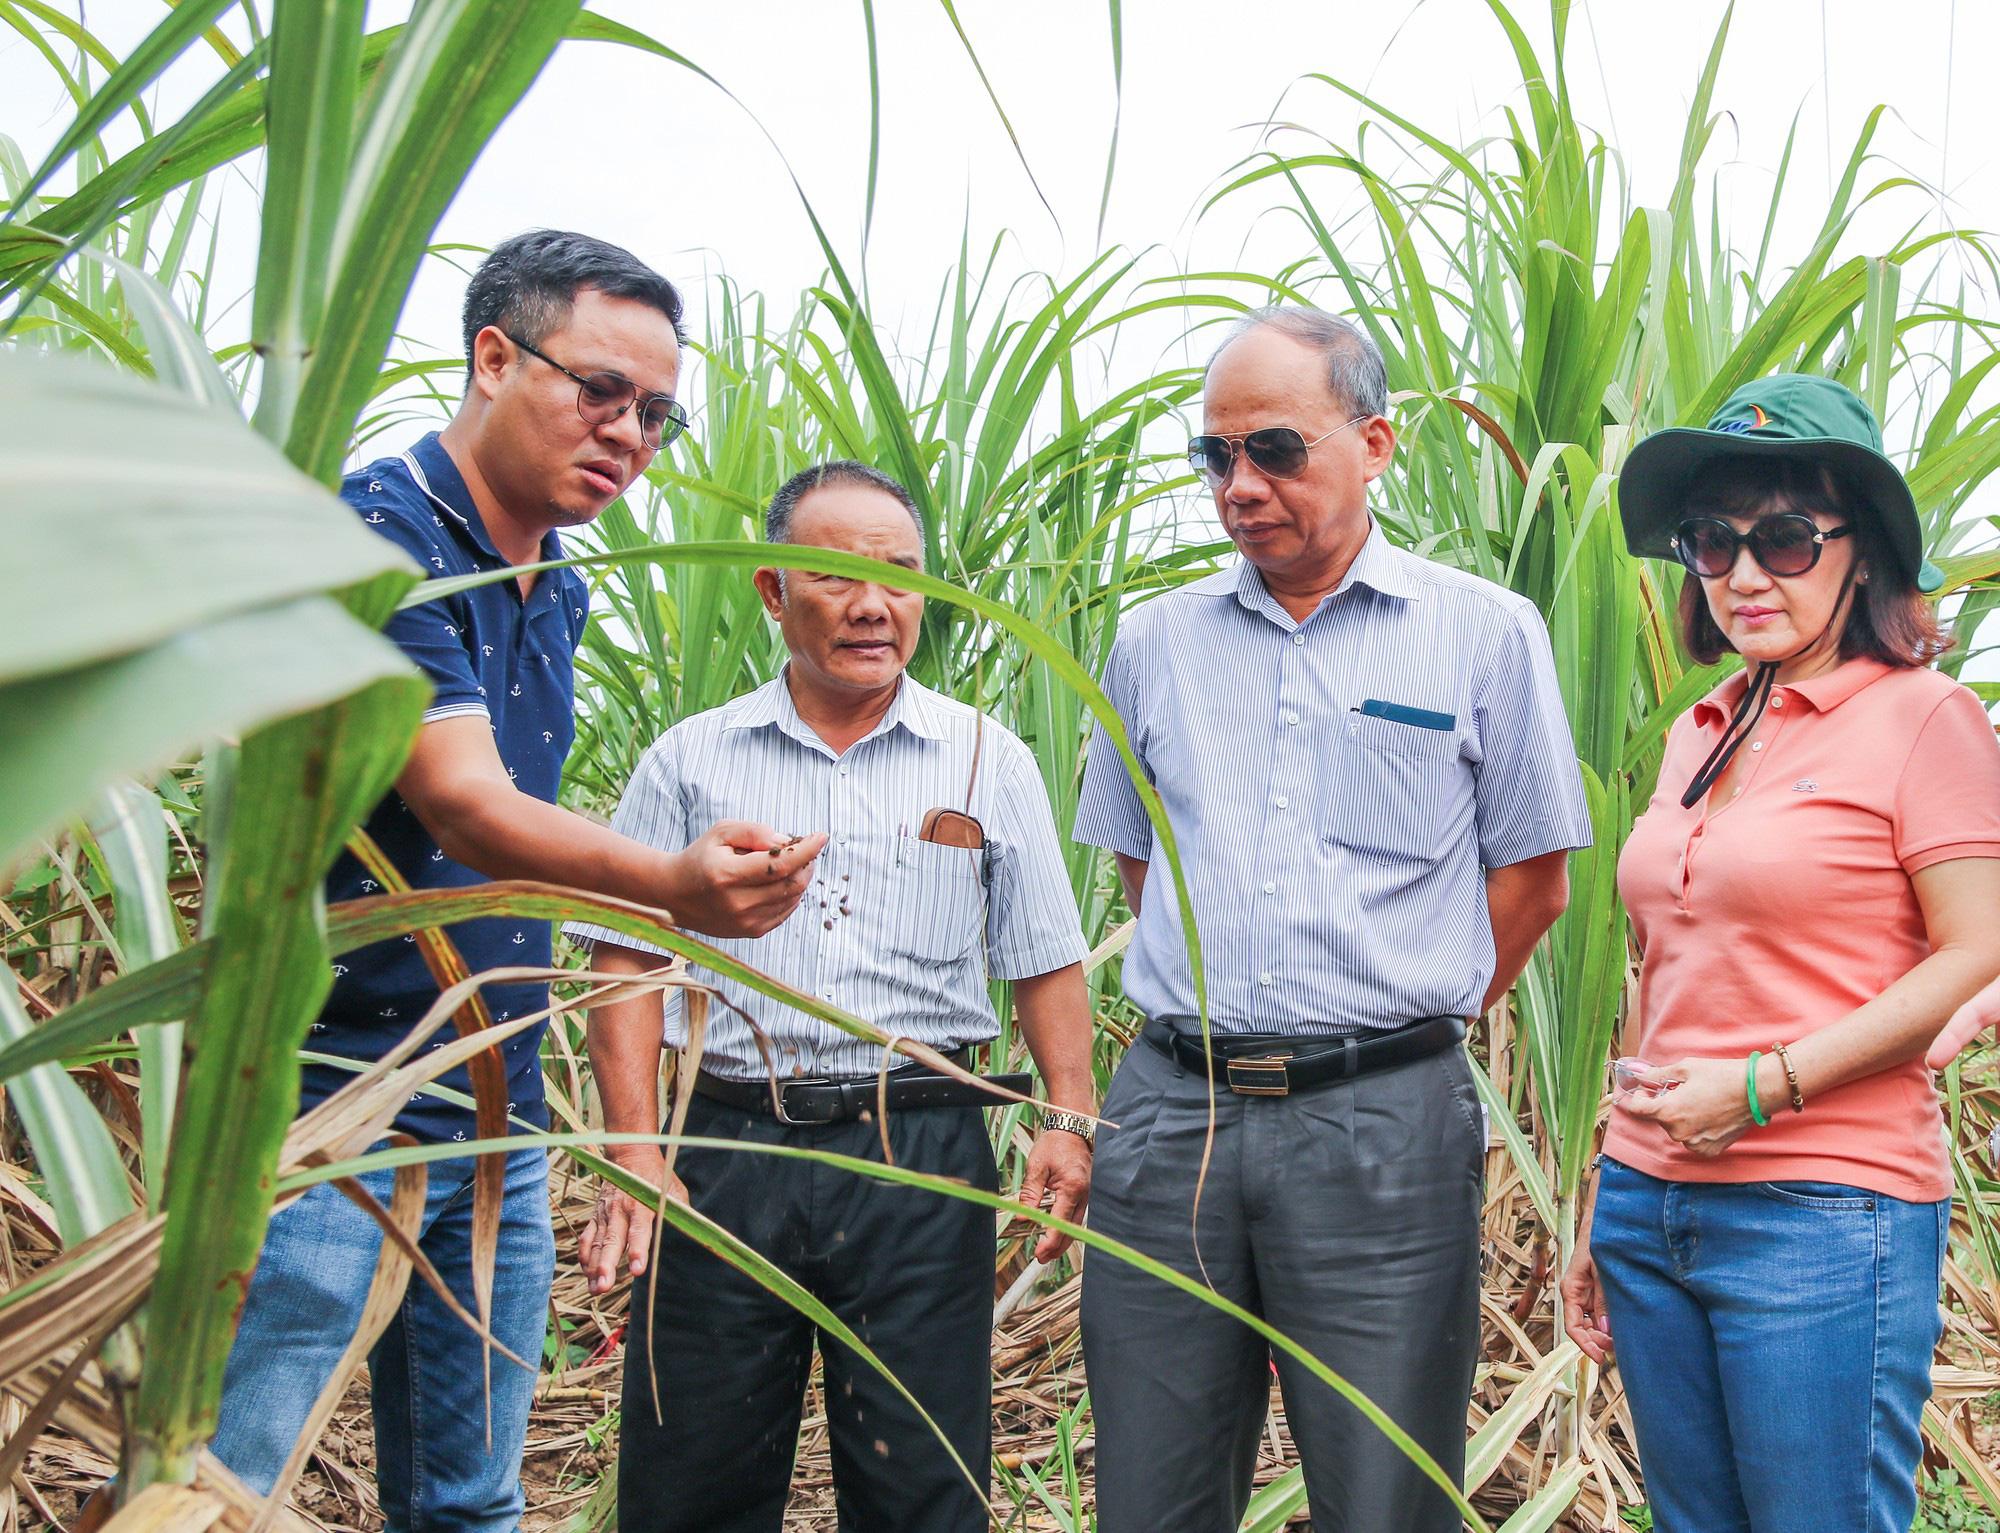 Tăng đầu tư vào tài sản cố định và góp vốn, dòng tiền thuần của TTC Sugar âm hơn 440 tỉ đồng sau nửa năm - Ảnh 1.